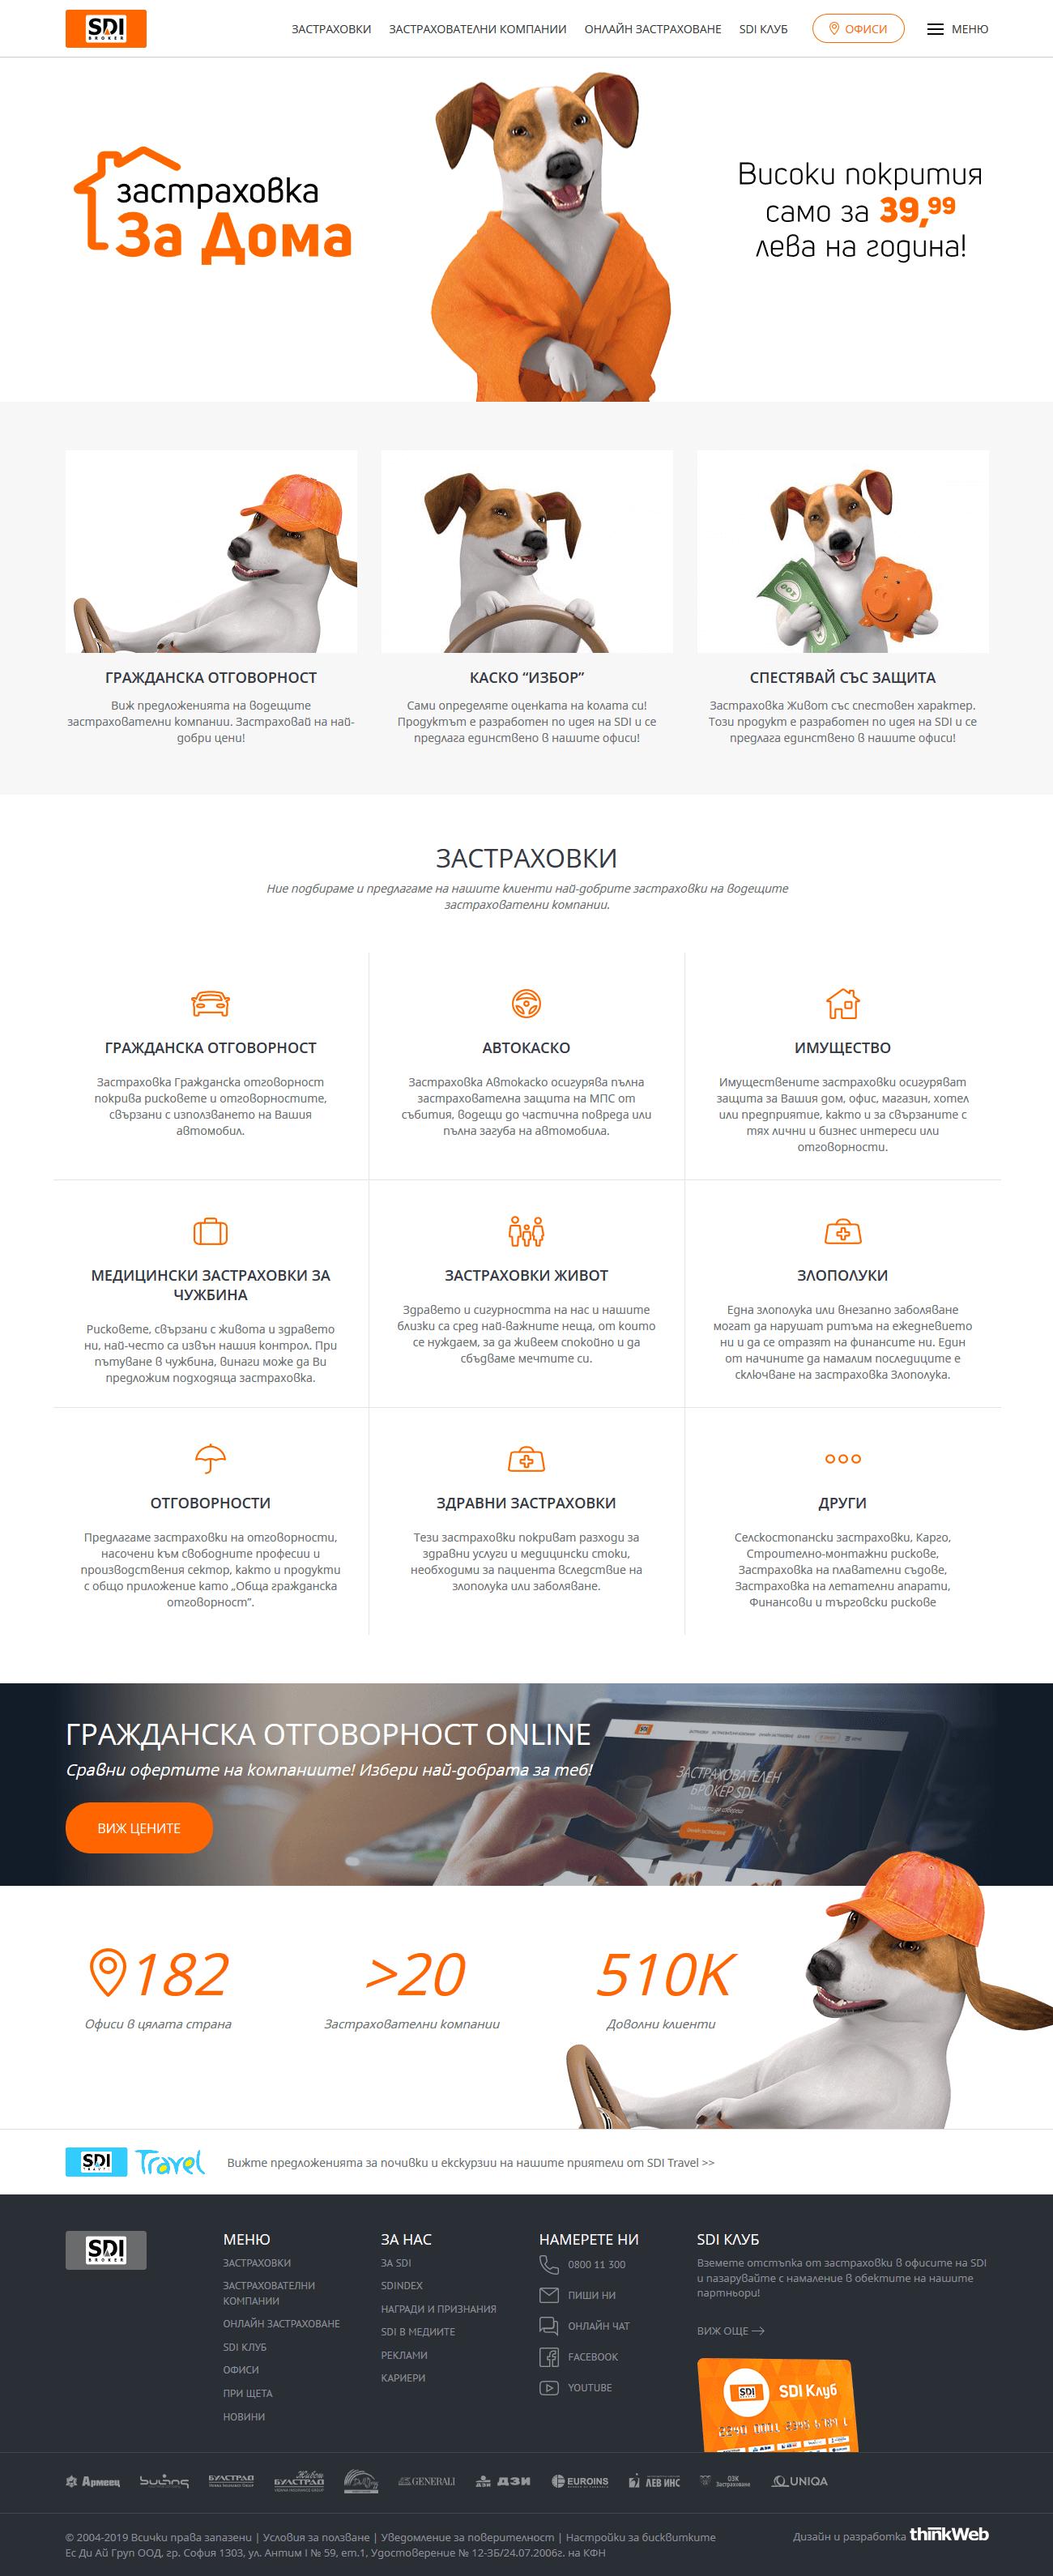 SDI corporate website